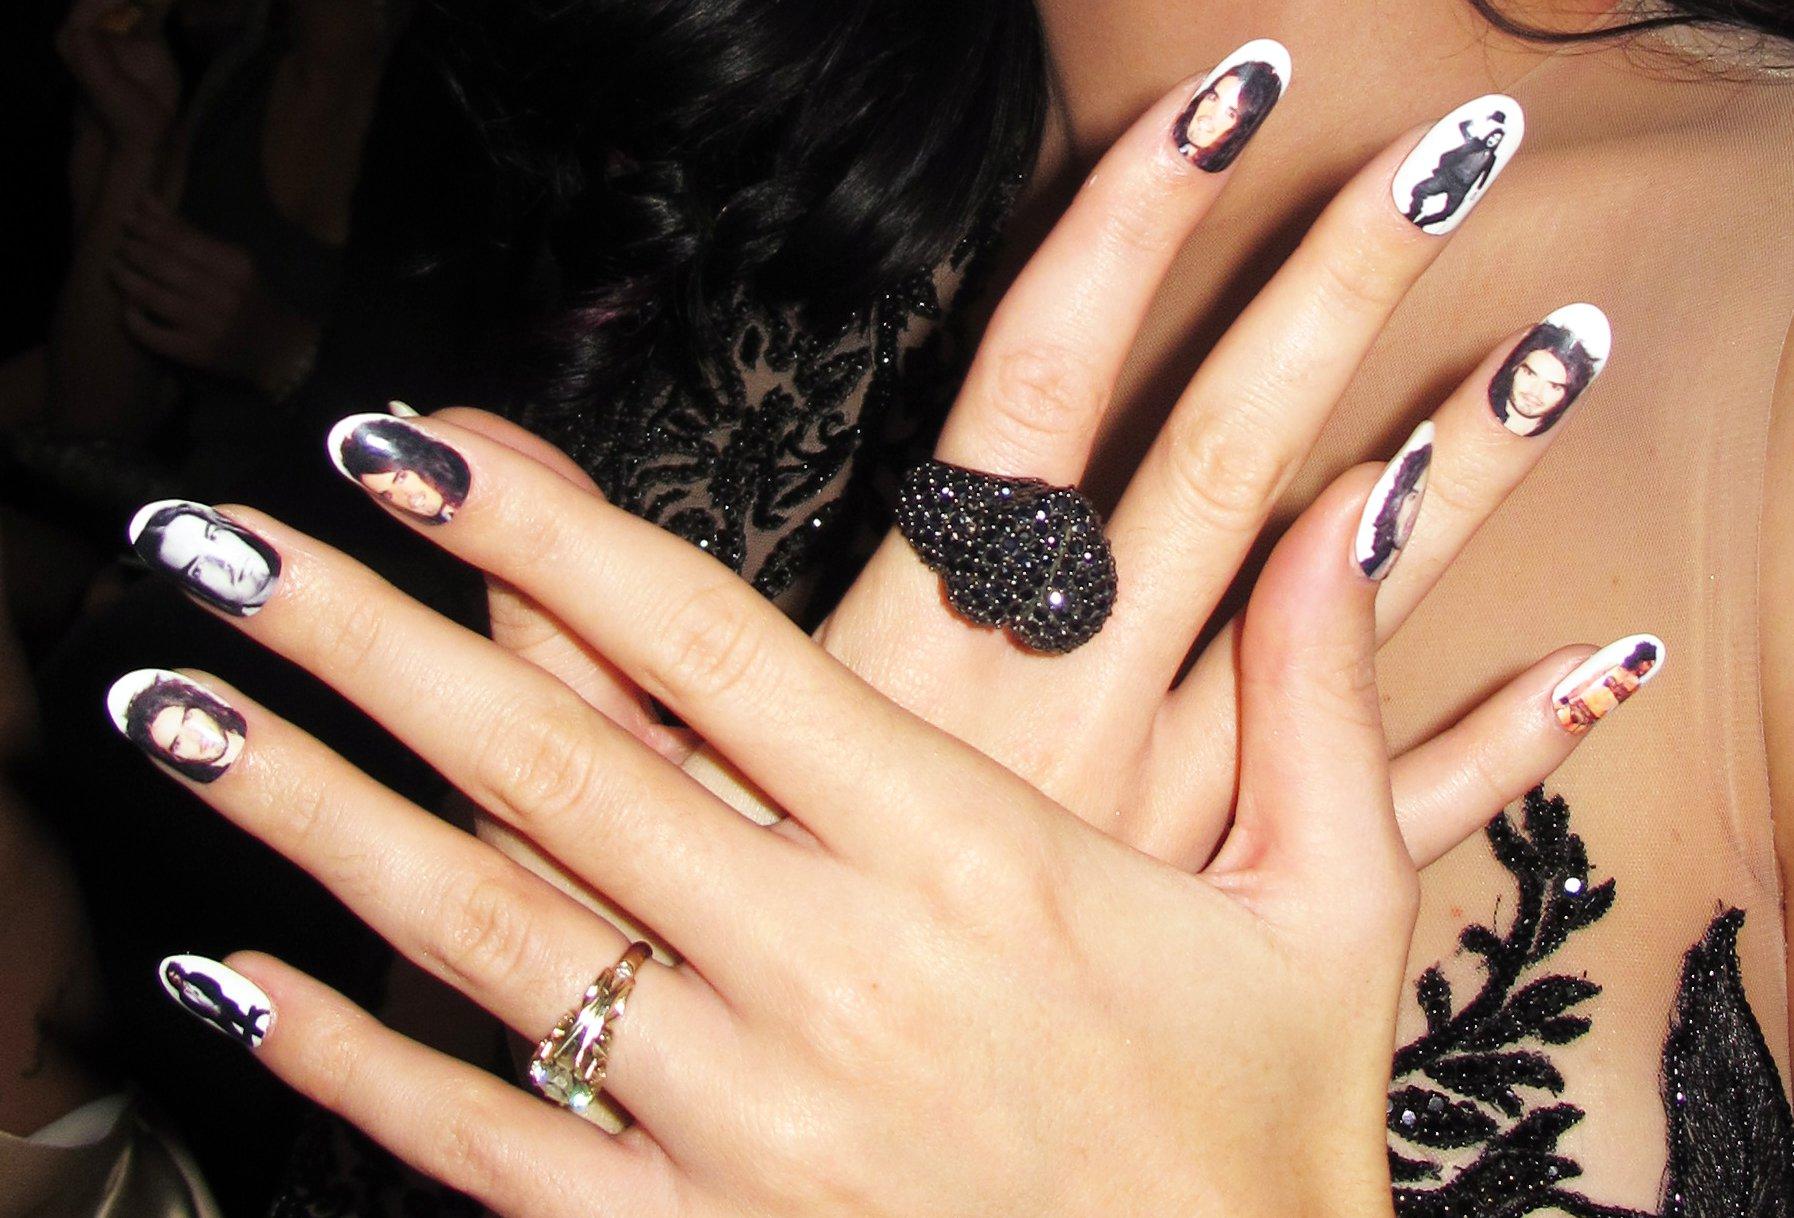 Самые офигенные ногти фото